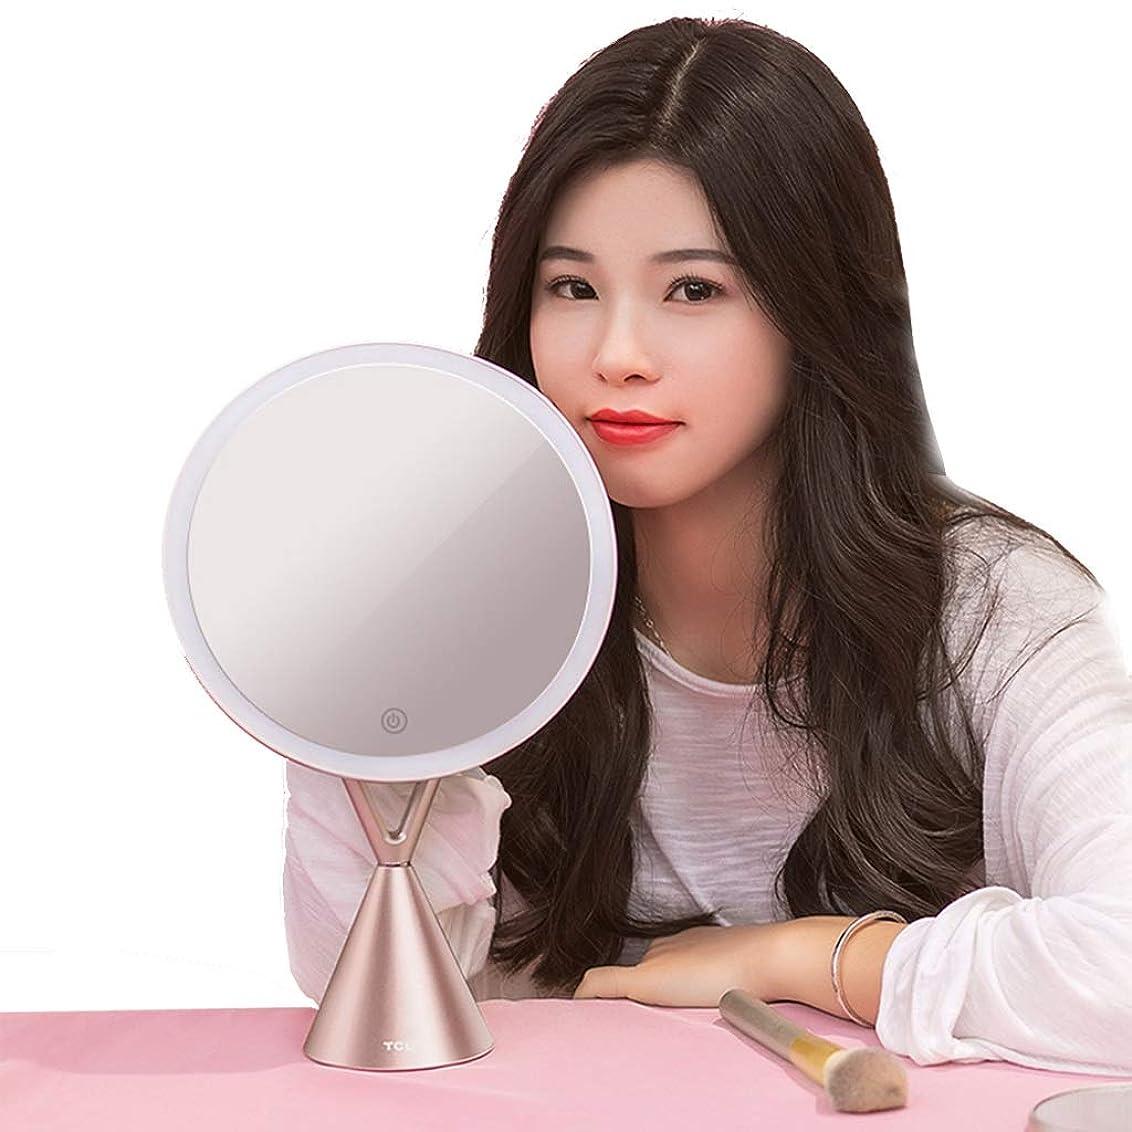 革命的ストレスの多いアイスクリームミラー拡大化粧化粧台ミラホーム ライト付きLED化粧鏡、照明付き化粧化粧台ミラー1倍/ 5倍倍率30度回転可能、タッチスクリーン調光付き、ポータブルUSB充電可能化粧品 LtHvoa